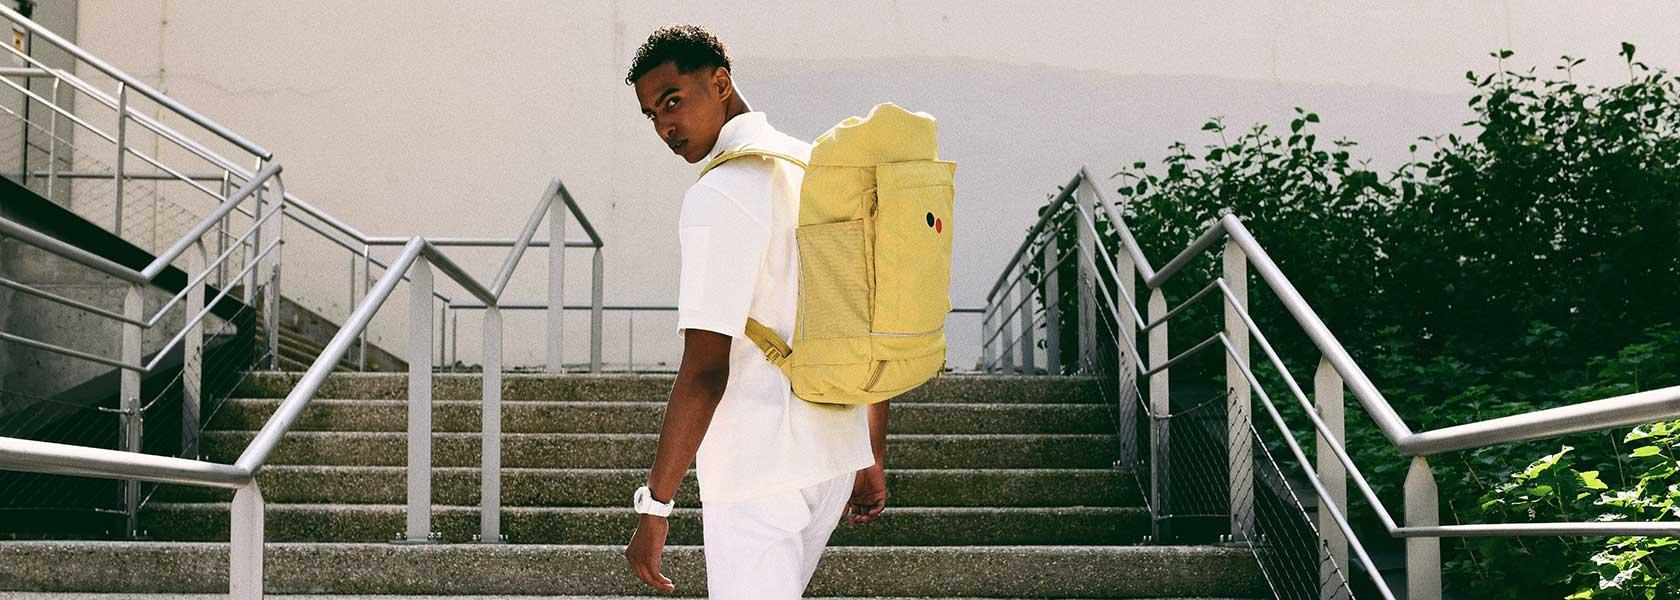 Mann läuft Treppe hoch und trägt gelben Rucksack